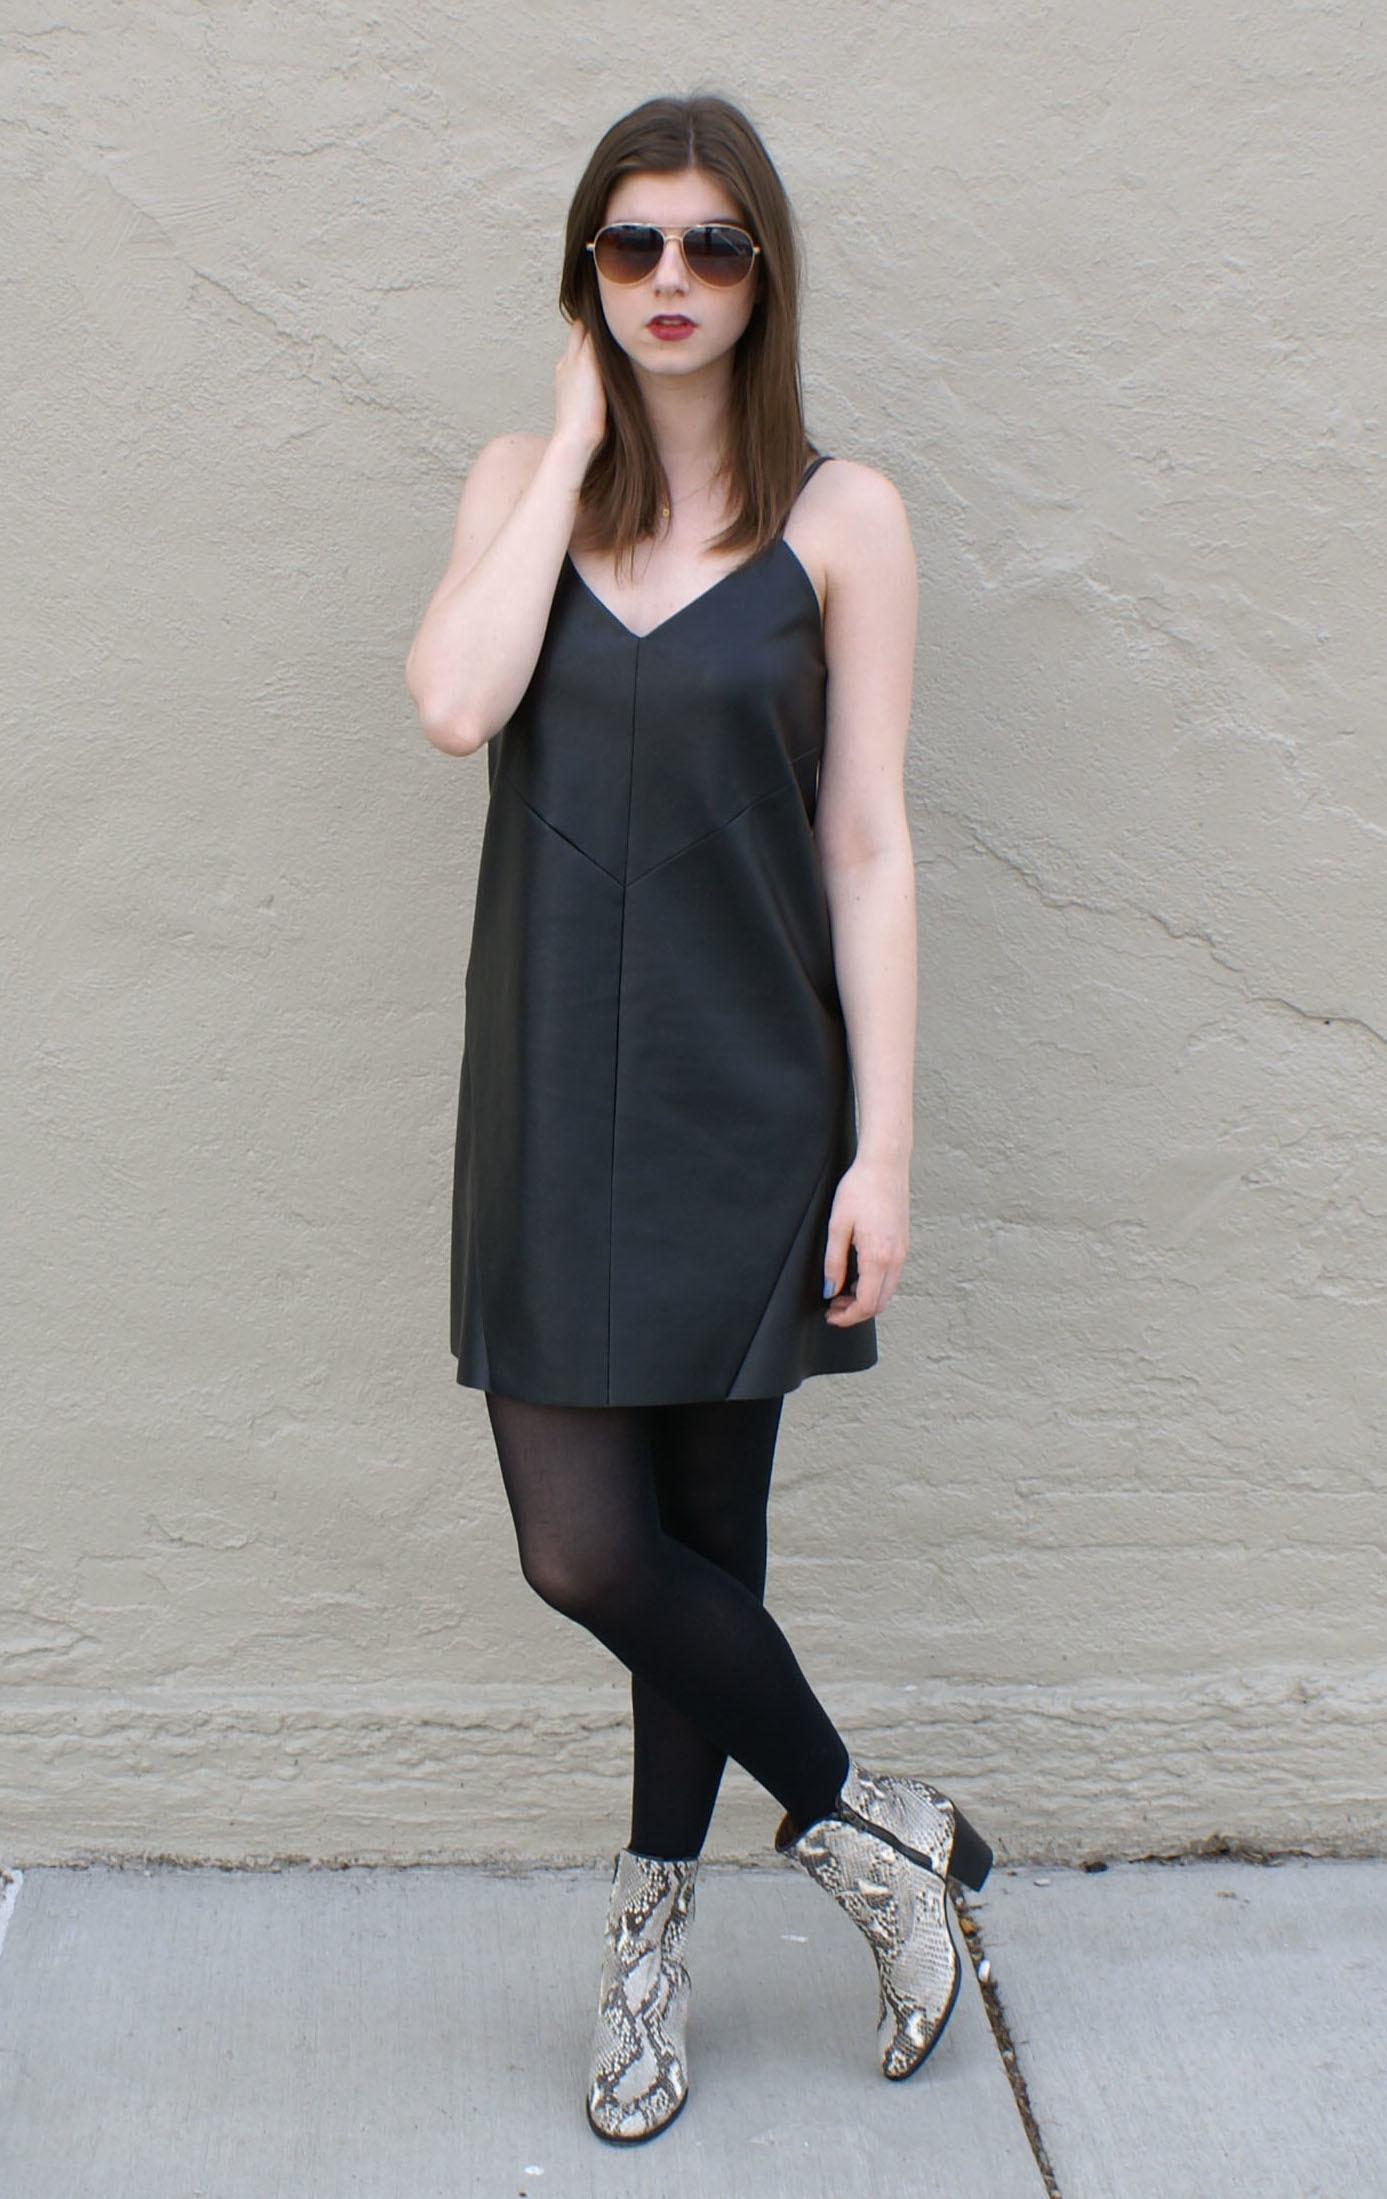 Blickfang Stiefeletten Zum Kleid Ideen Von Entscheiden Sie Sich Für Ein Schwarzes Camisole-kleid